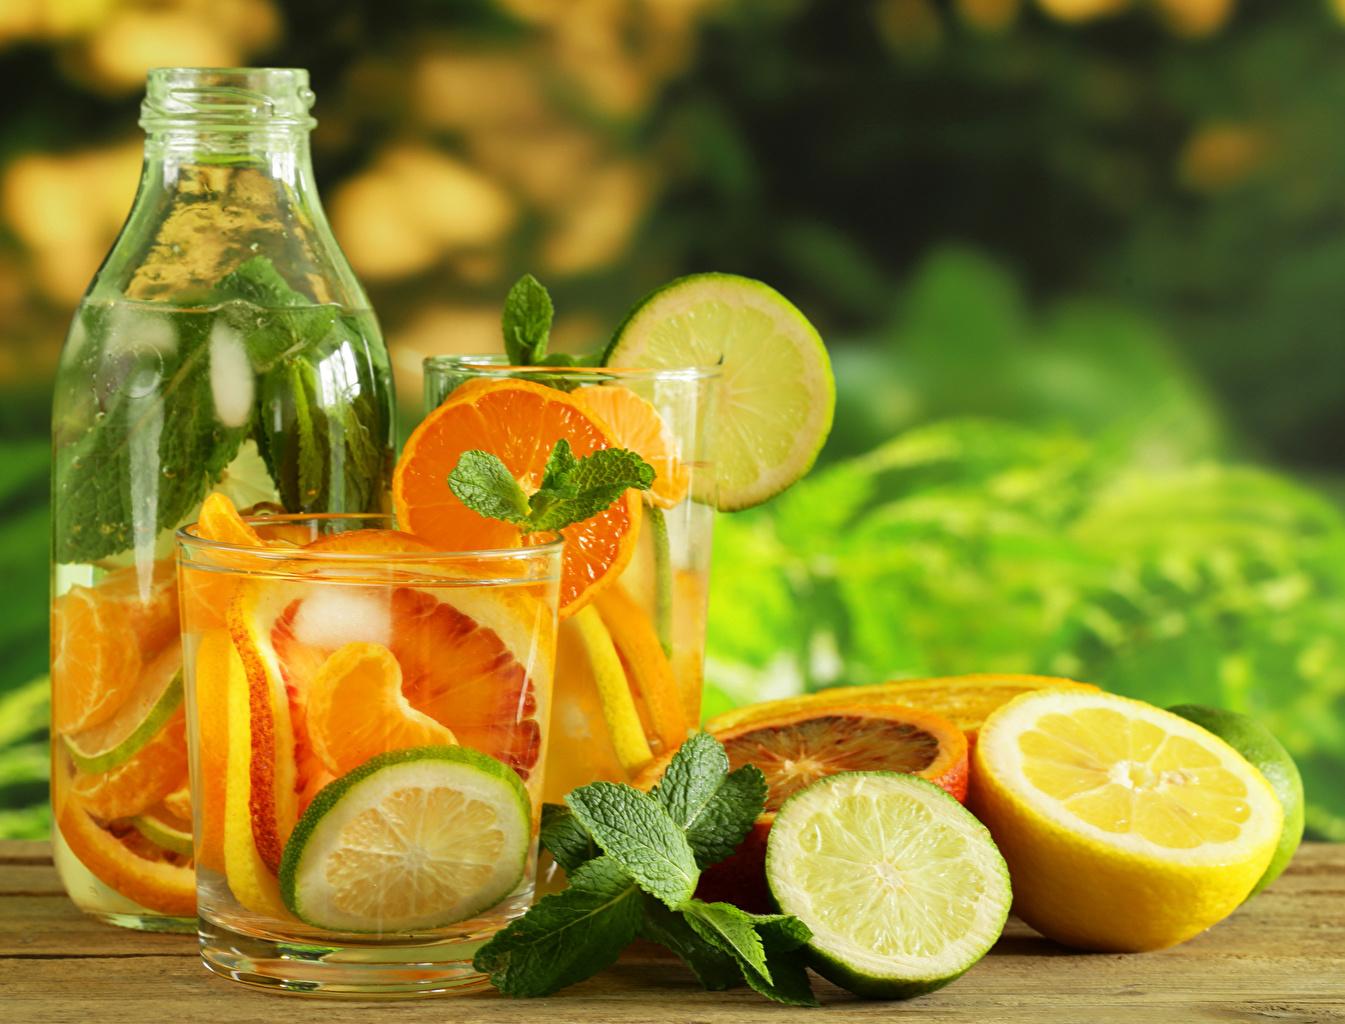 Foto Limette Zitronen Trinkglas flaschen Lebensmittel Getränk Zitrone Flasche das Essen Getränke